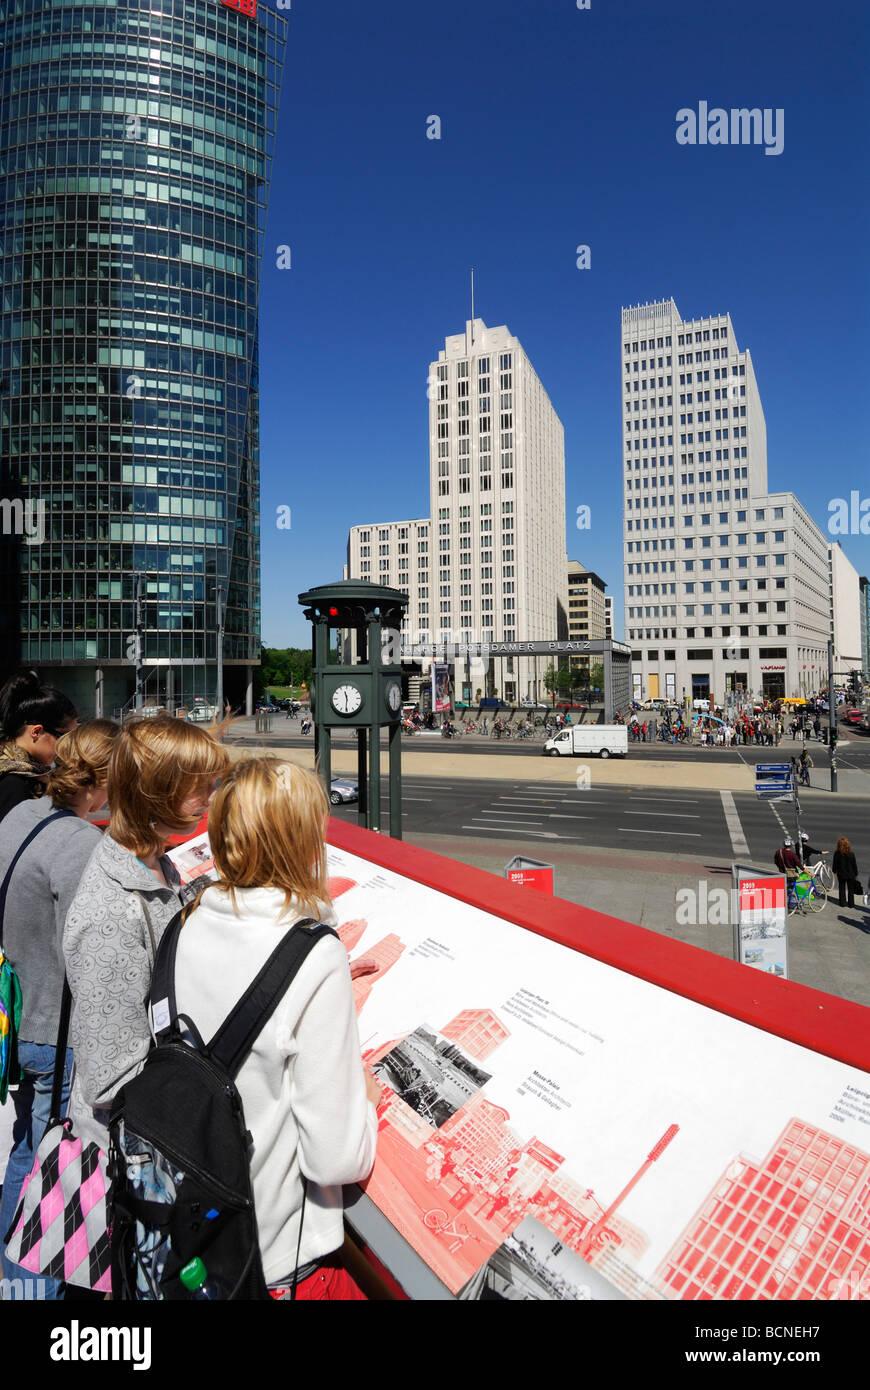 Berlino Germania mostra su Potsdamer Platz commemorando venti anni dalla caduta del muro di Berlino Immagini Stock